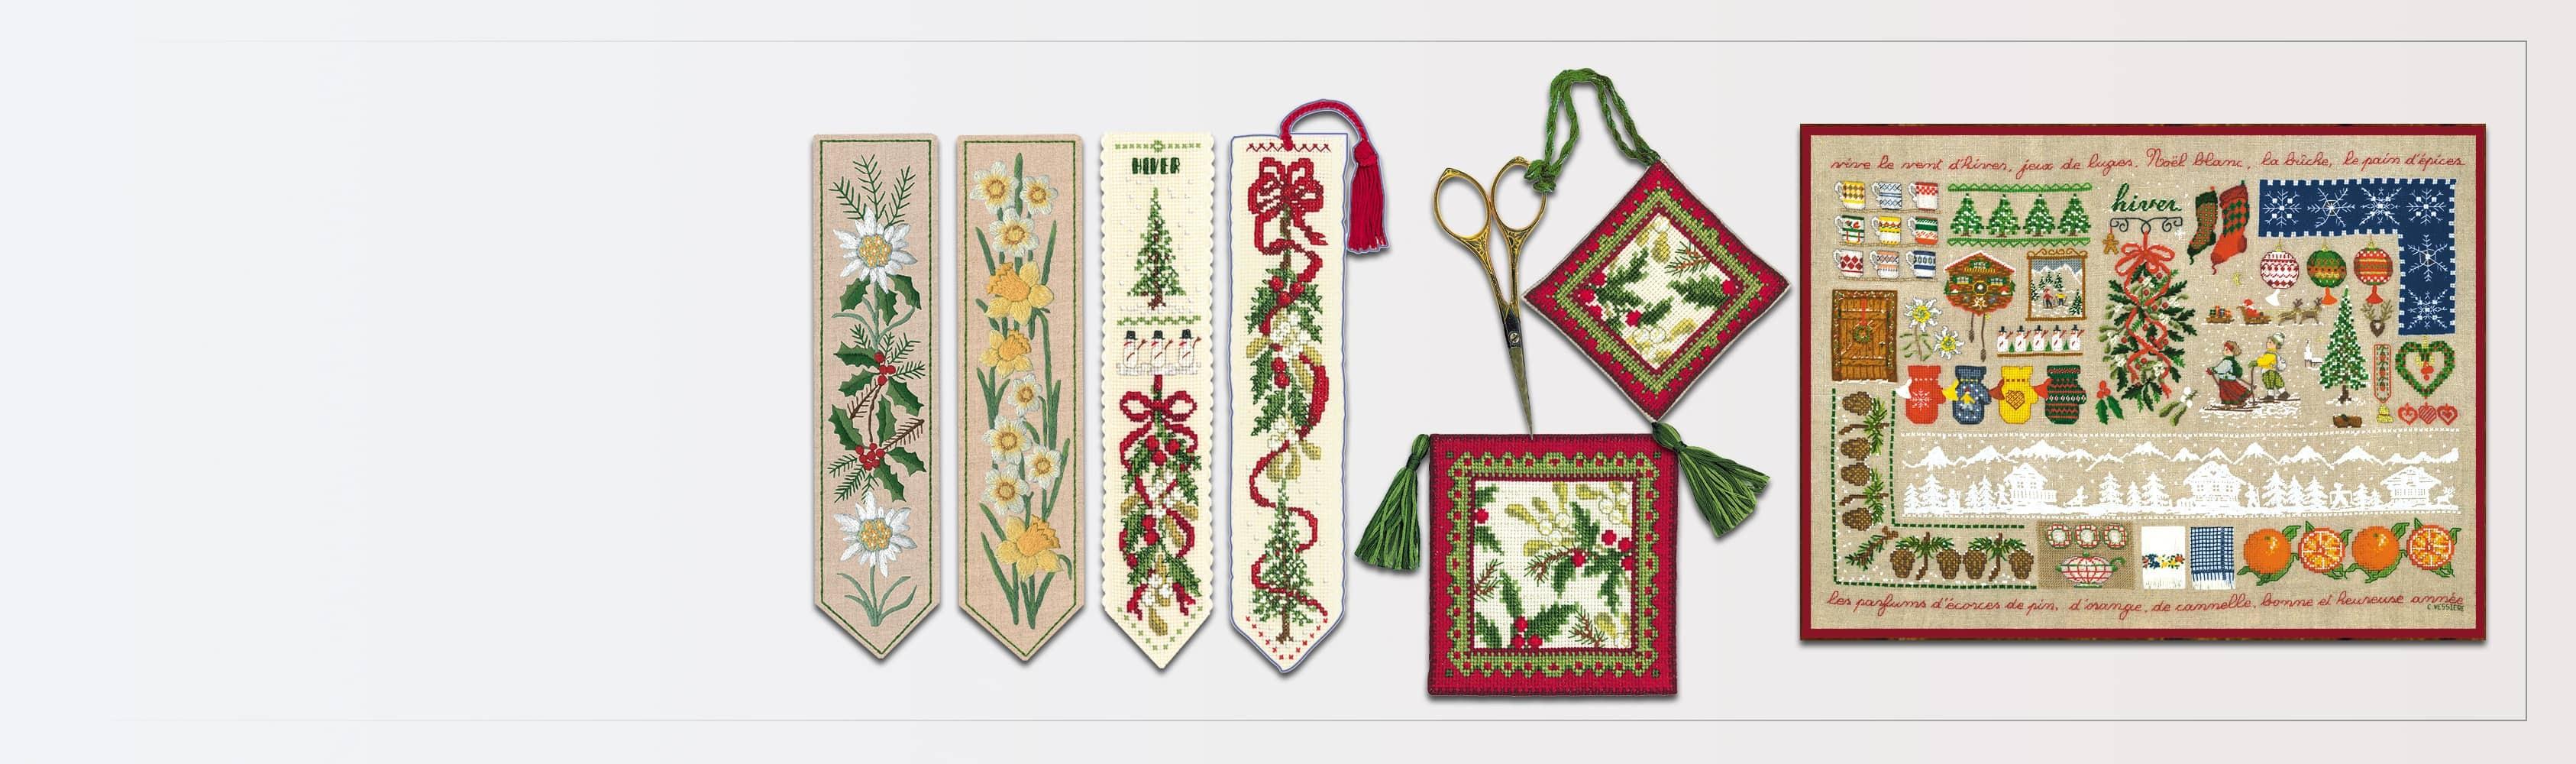 Marque-pages et accessoires sur le thème d'hiver. Kits broderie par Cécile Vessière pour Le Bonheur des Dames